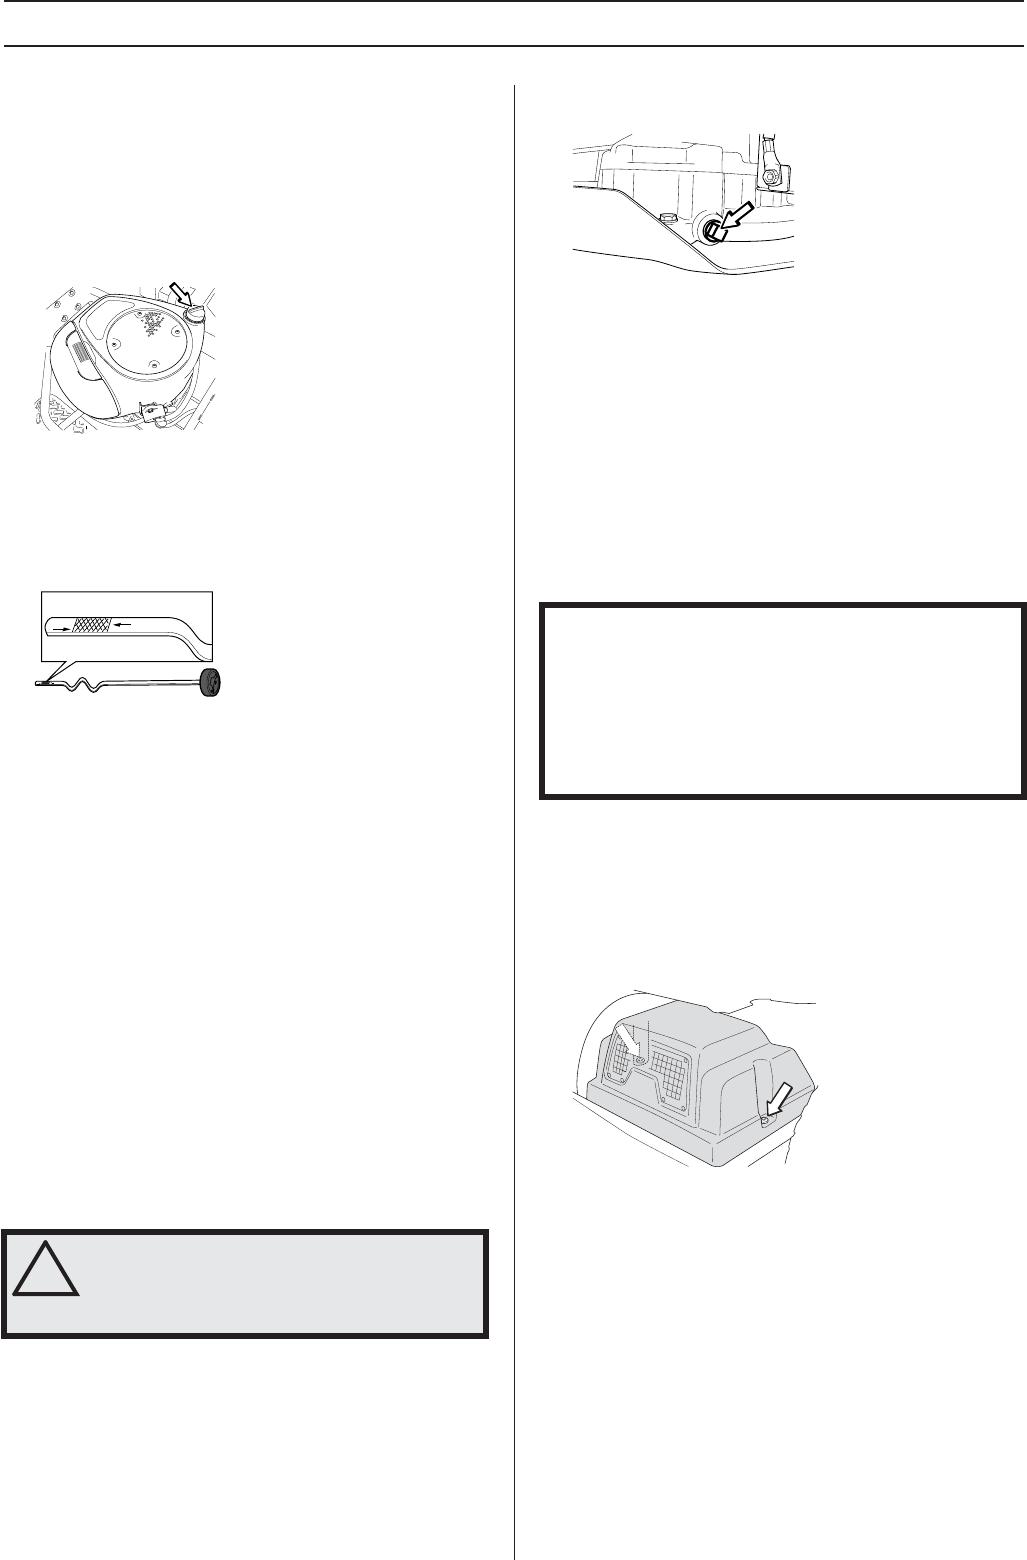 Handleiding Husqvarna Rider 16 (pagina 34 van 36) (Nederlands)